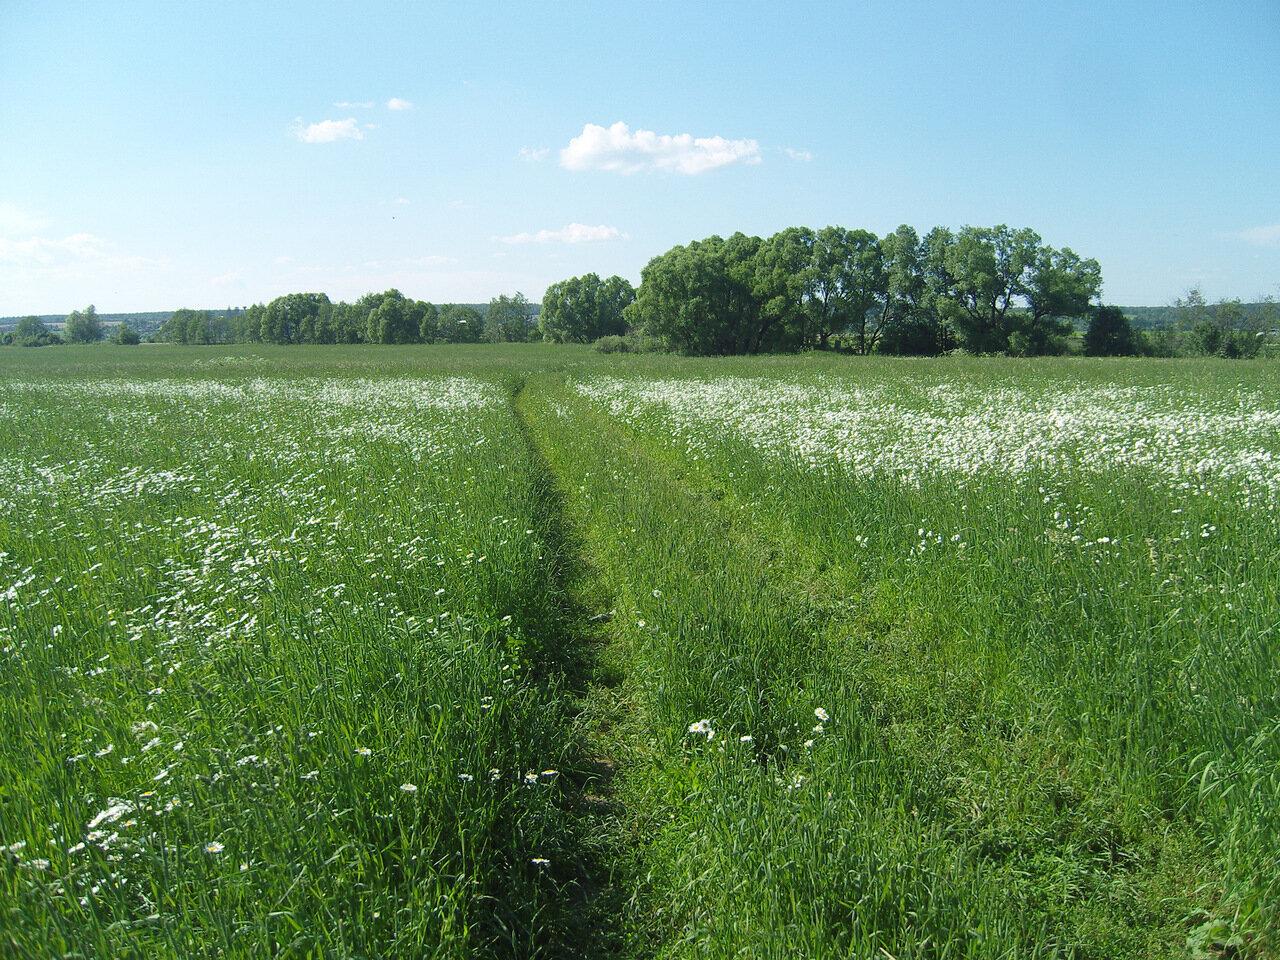 цветущий луг и пушистые ивы